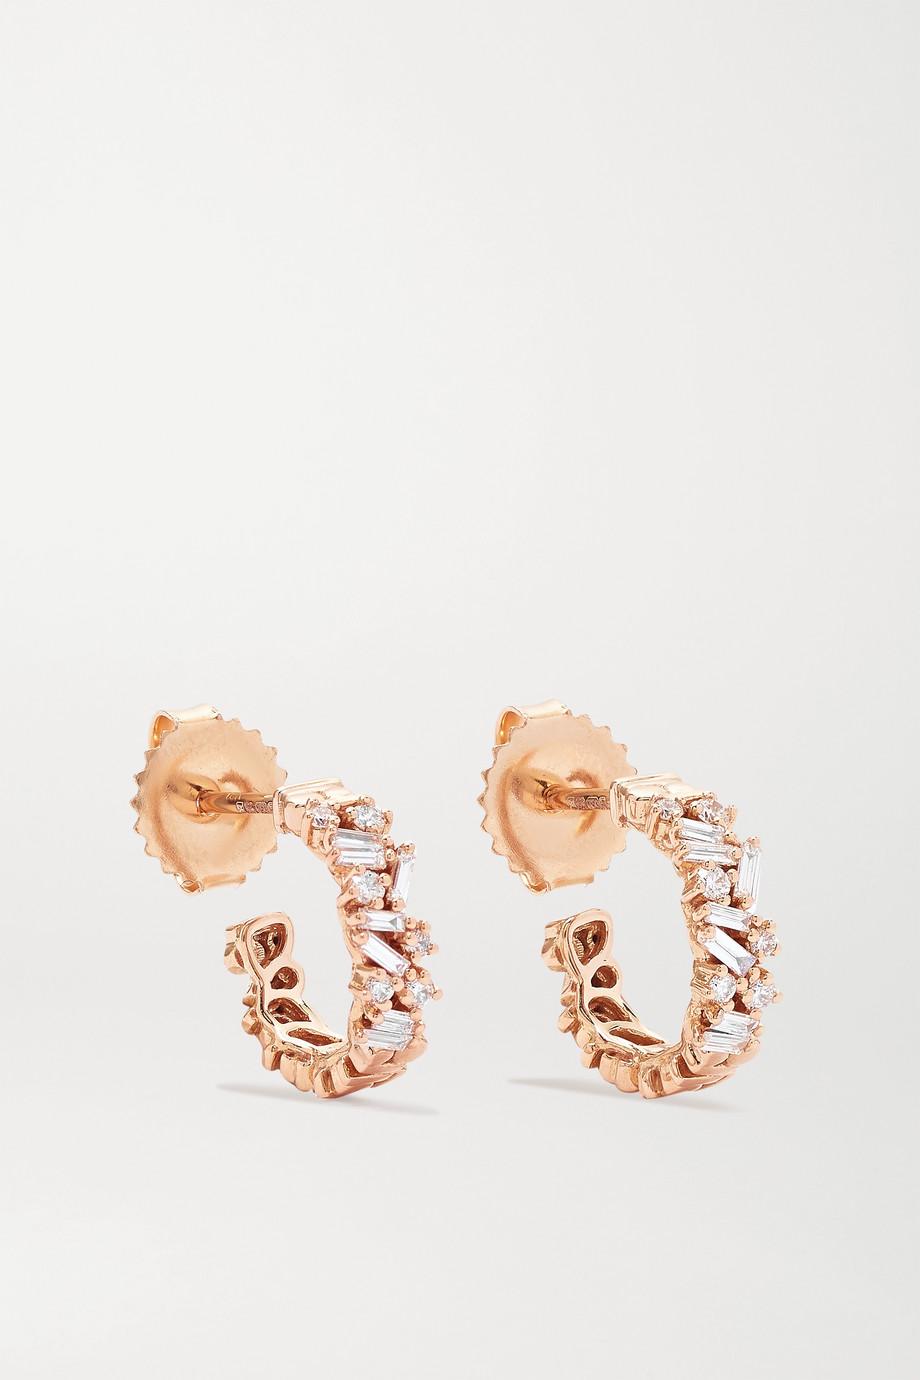 Suzanne Kalan Boucles d'oreilles en or rose 18 carats (750/1000) et diamants